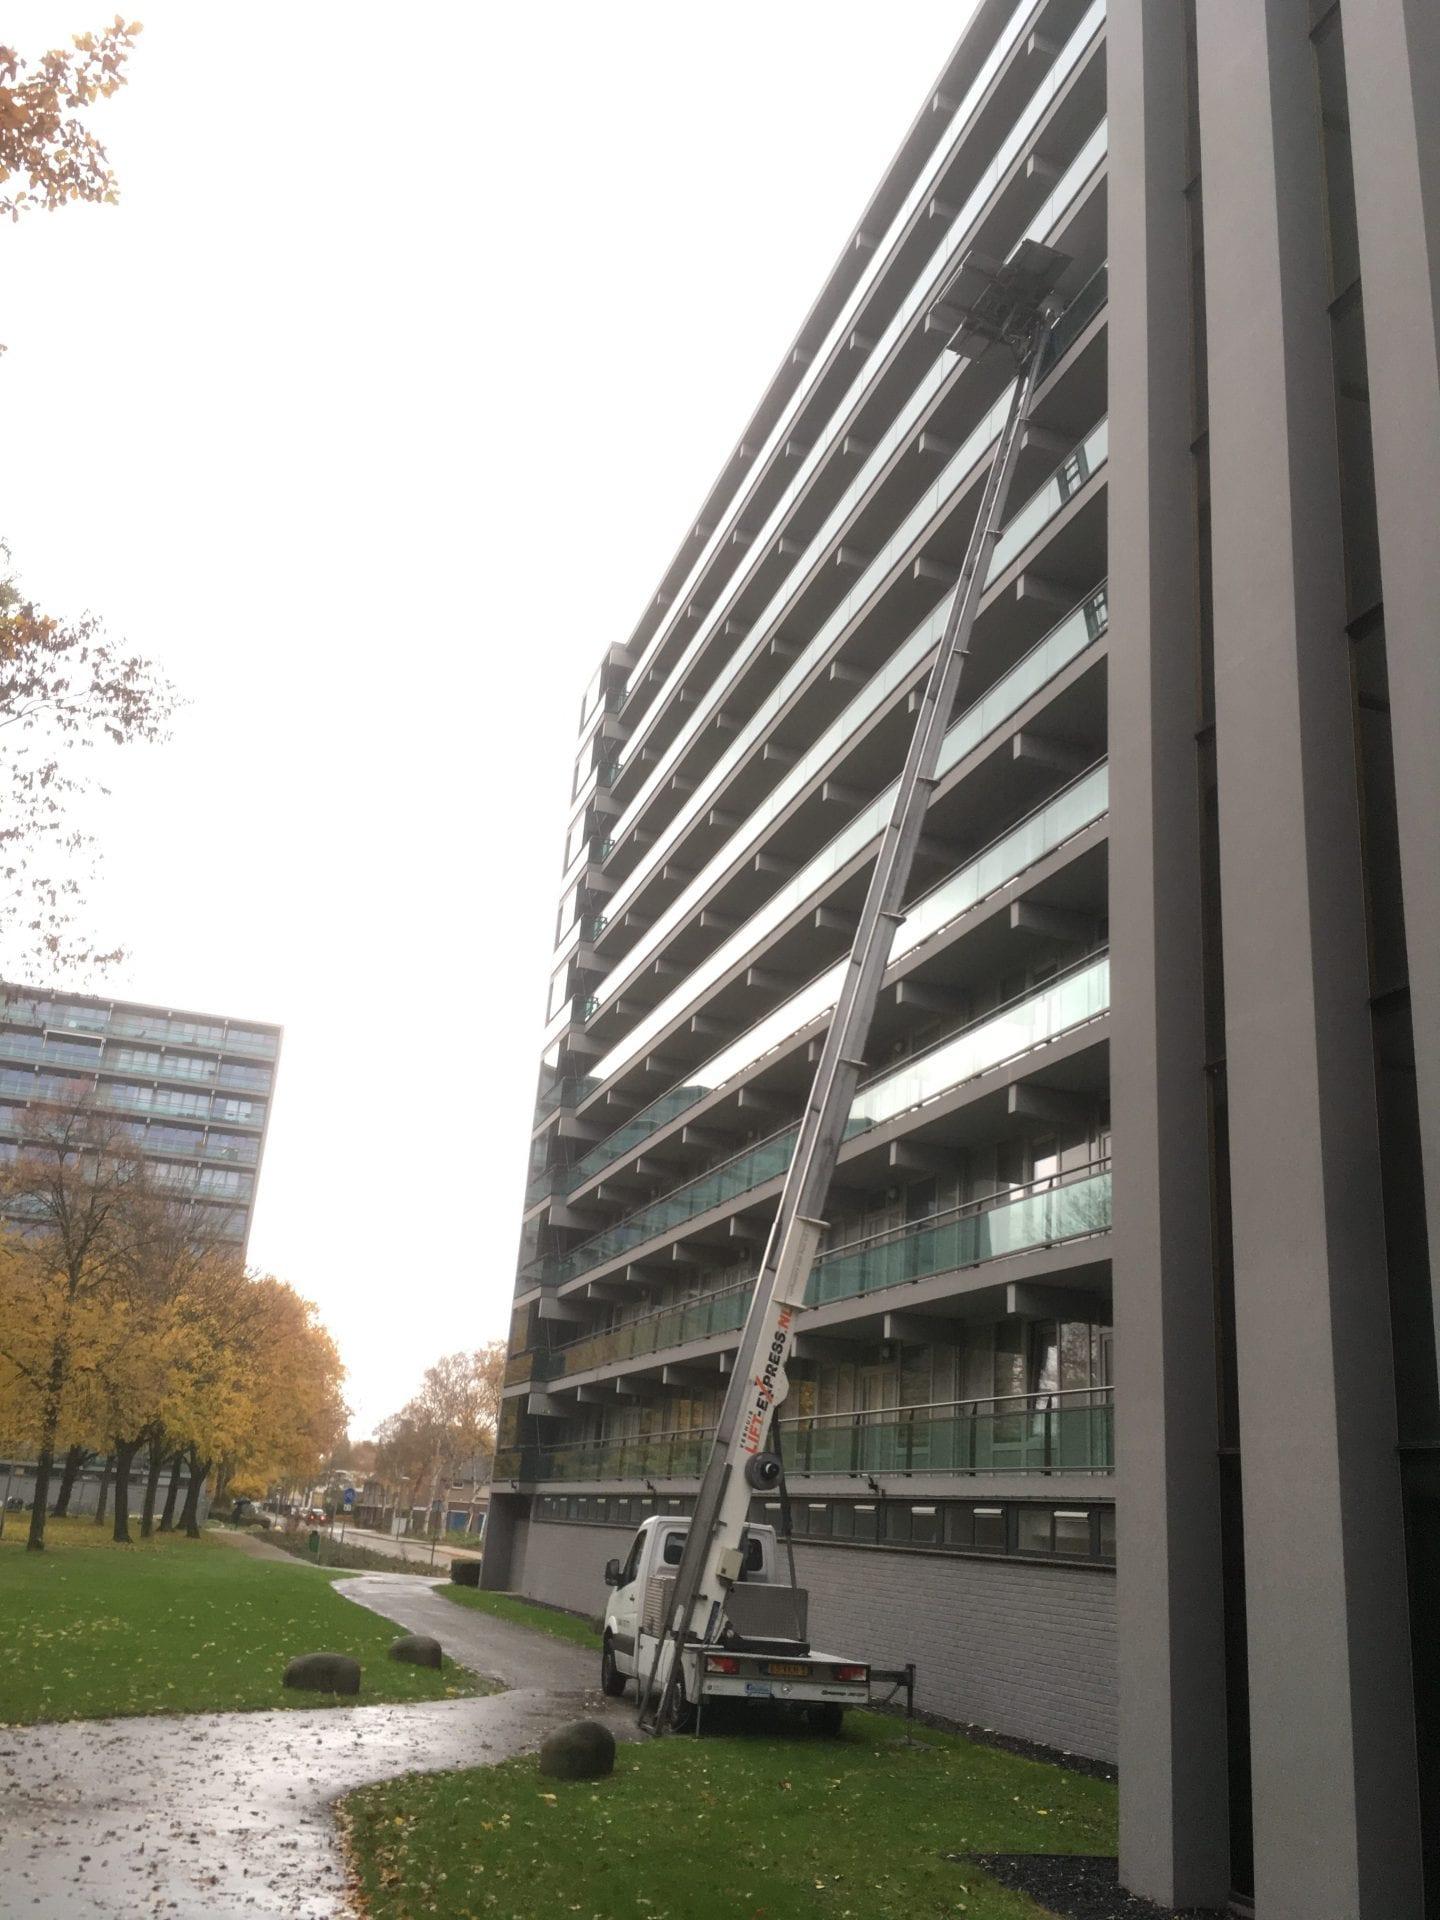 Verhuislift Roermond Olieslagerstraat